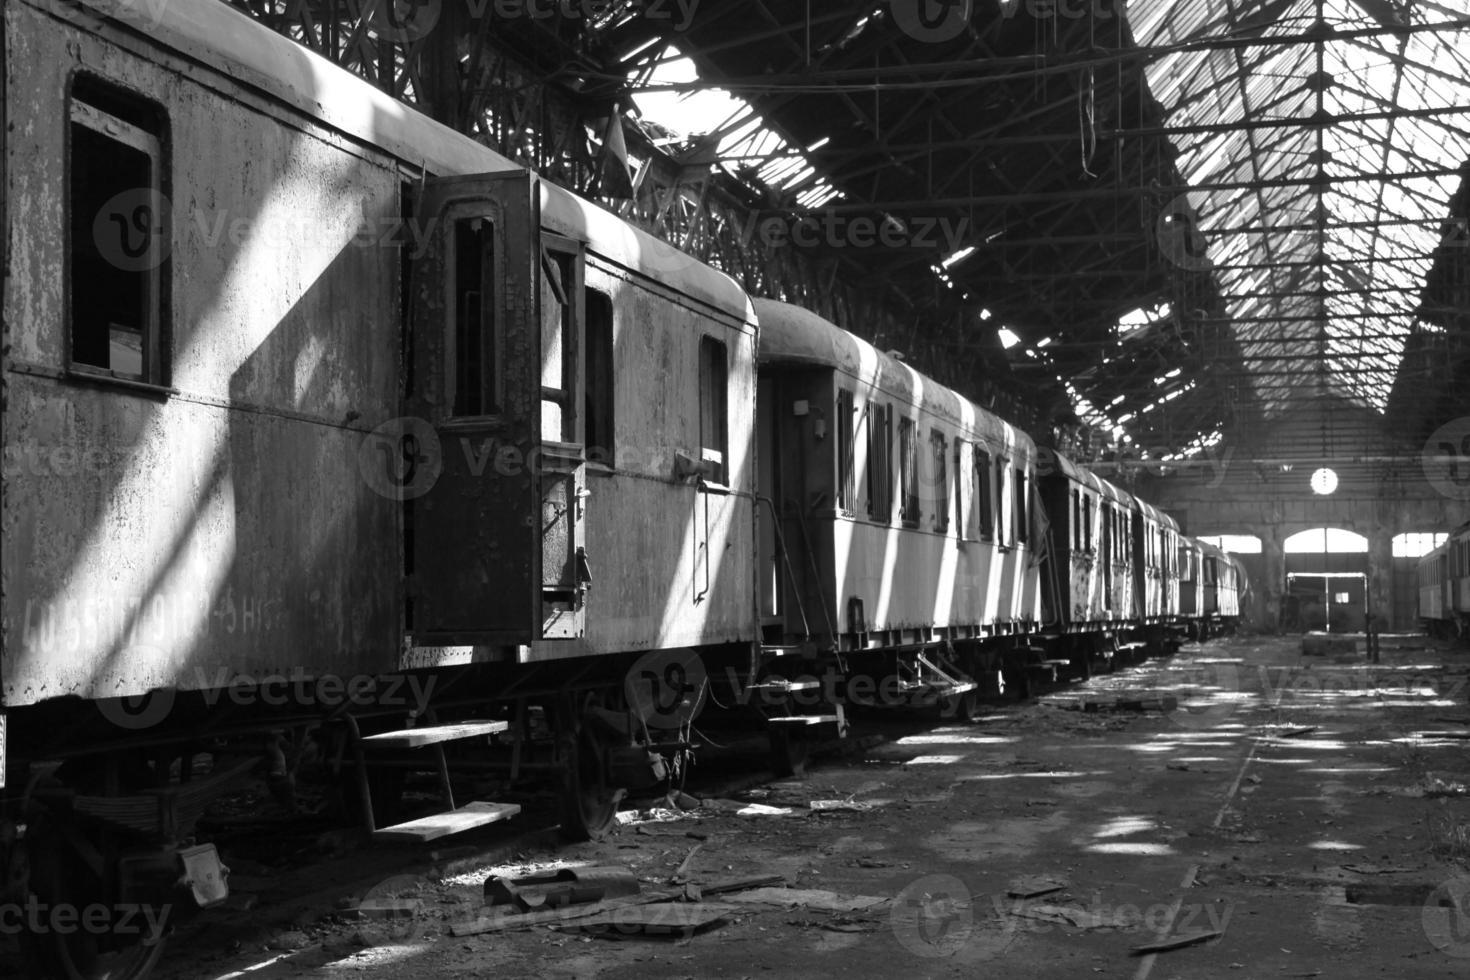 Old Train photo